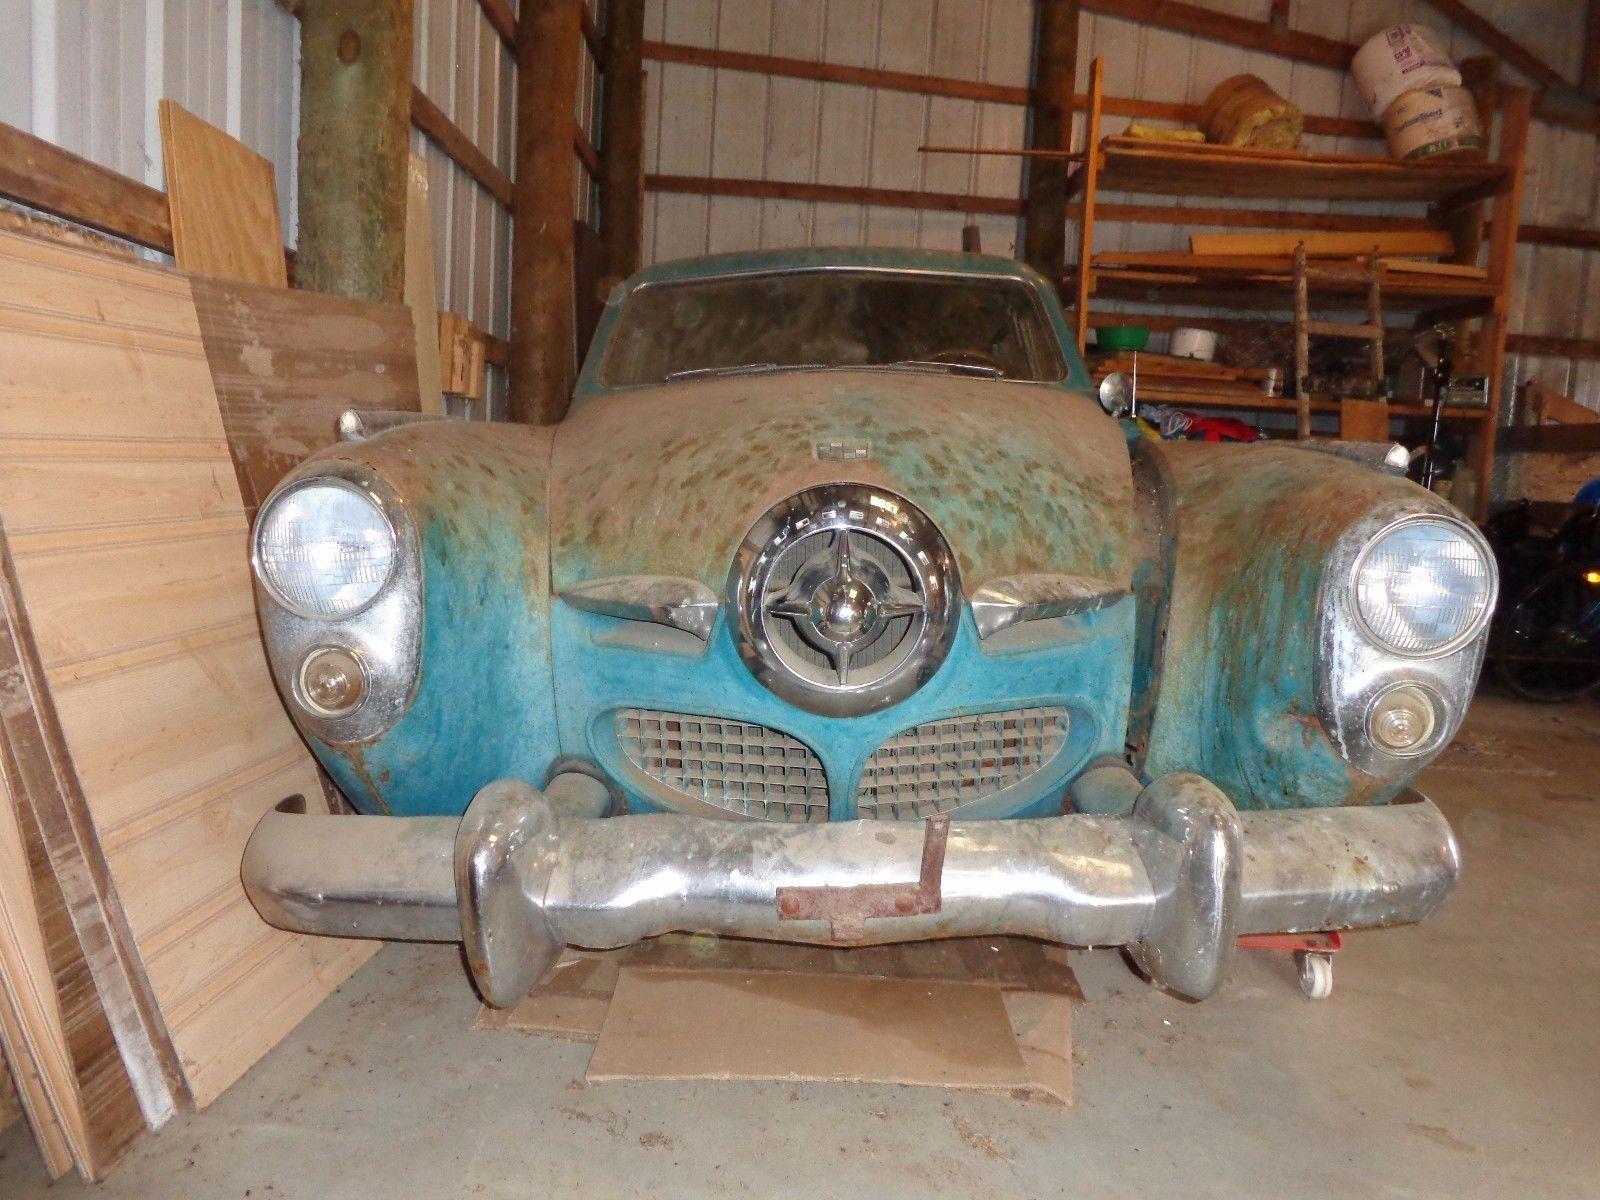 1950 Studebaker Landcruiser Studebaker Land Cruiser Pontiac Cars